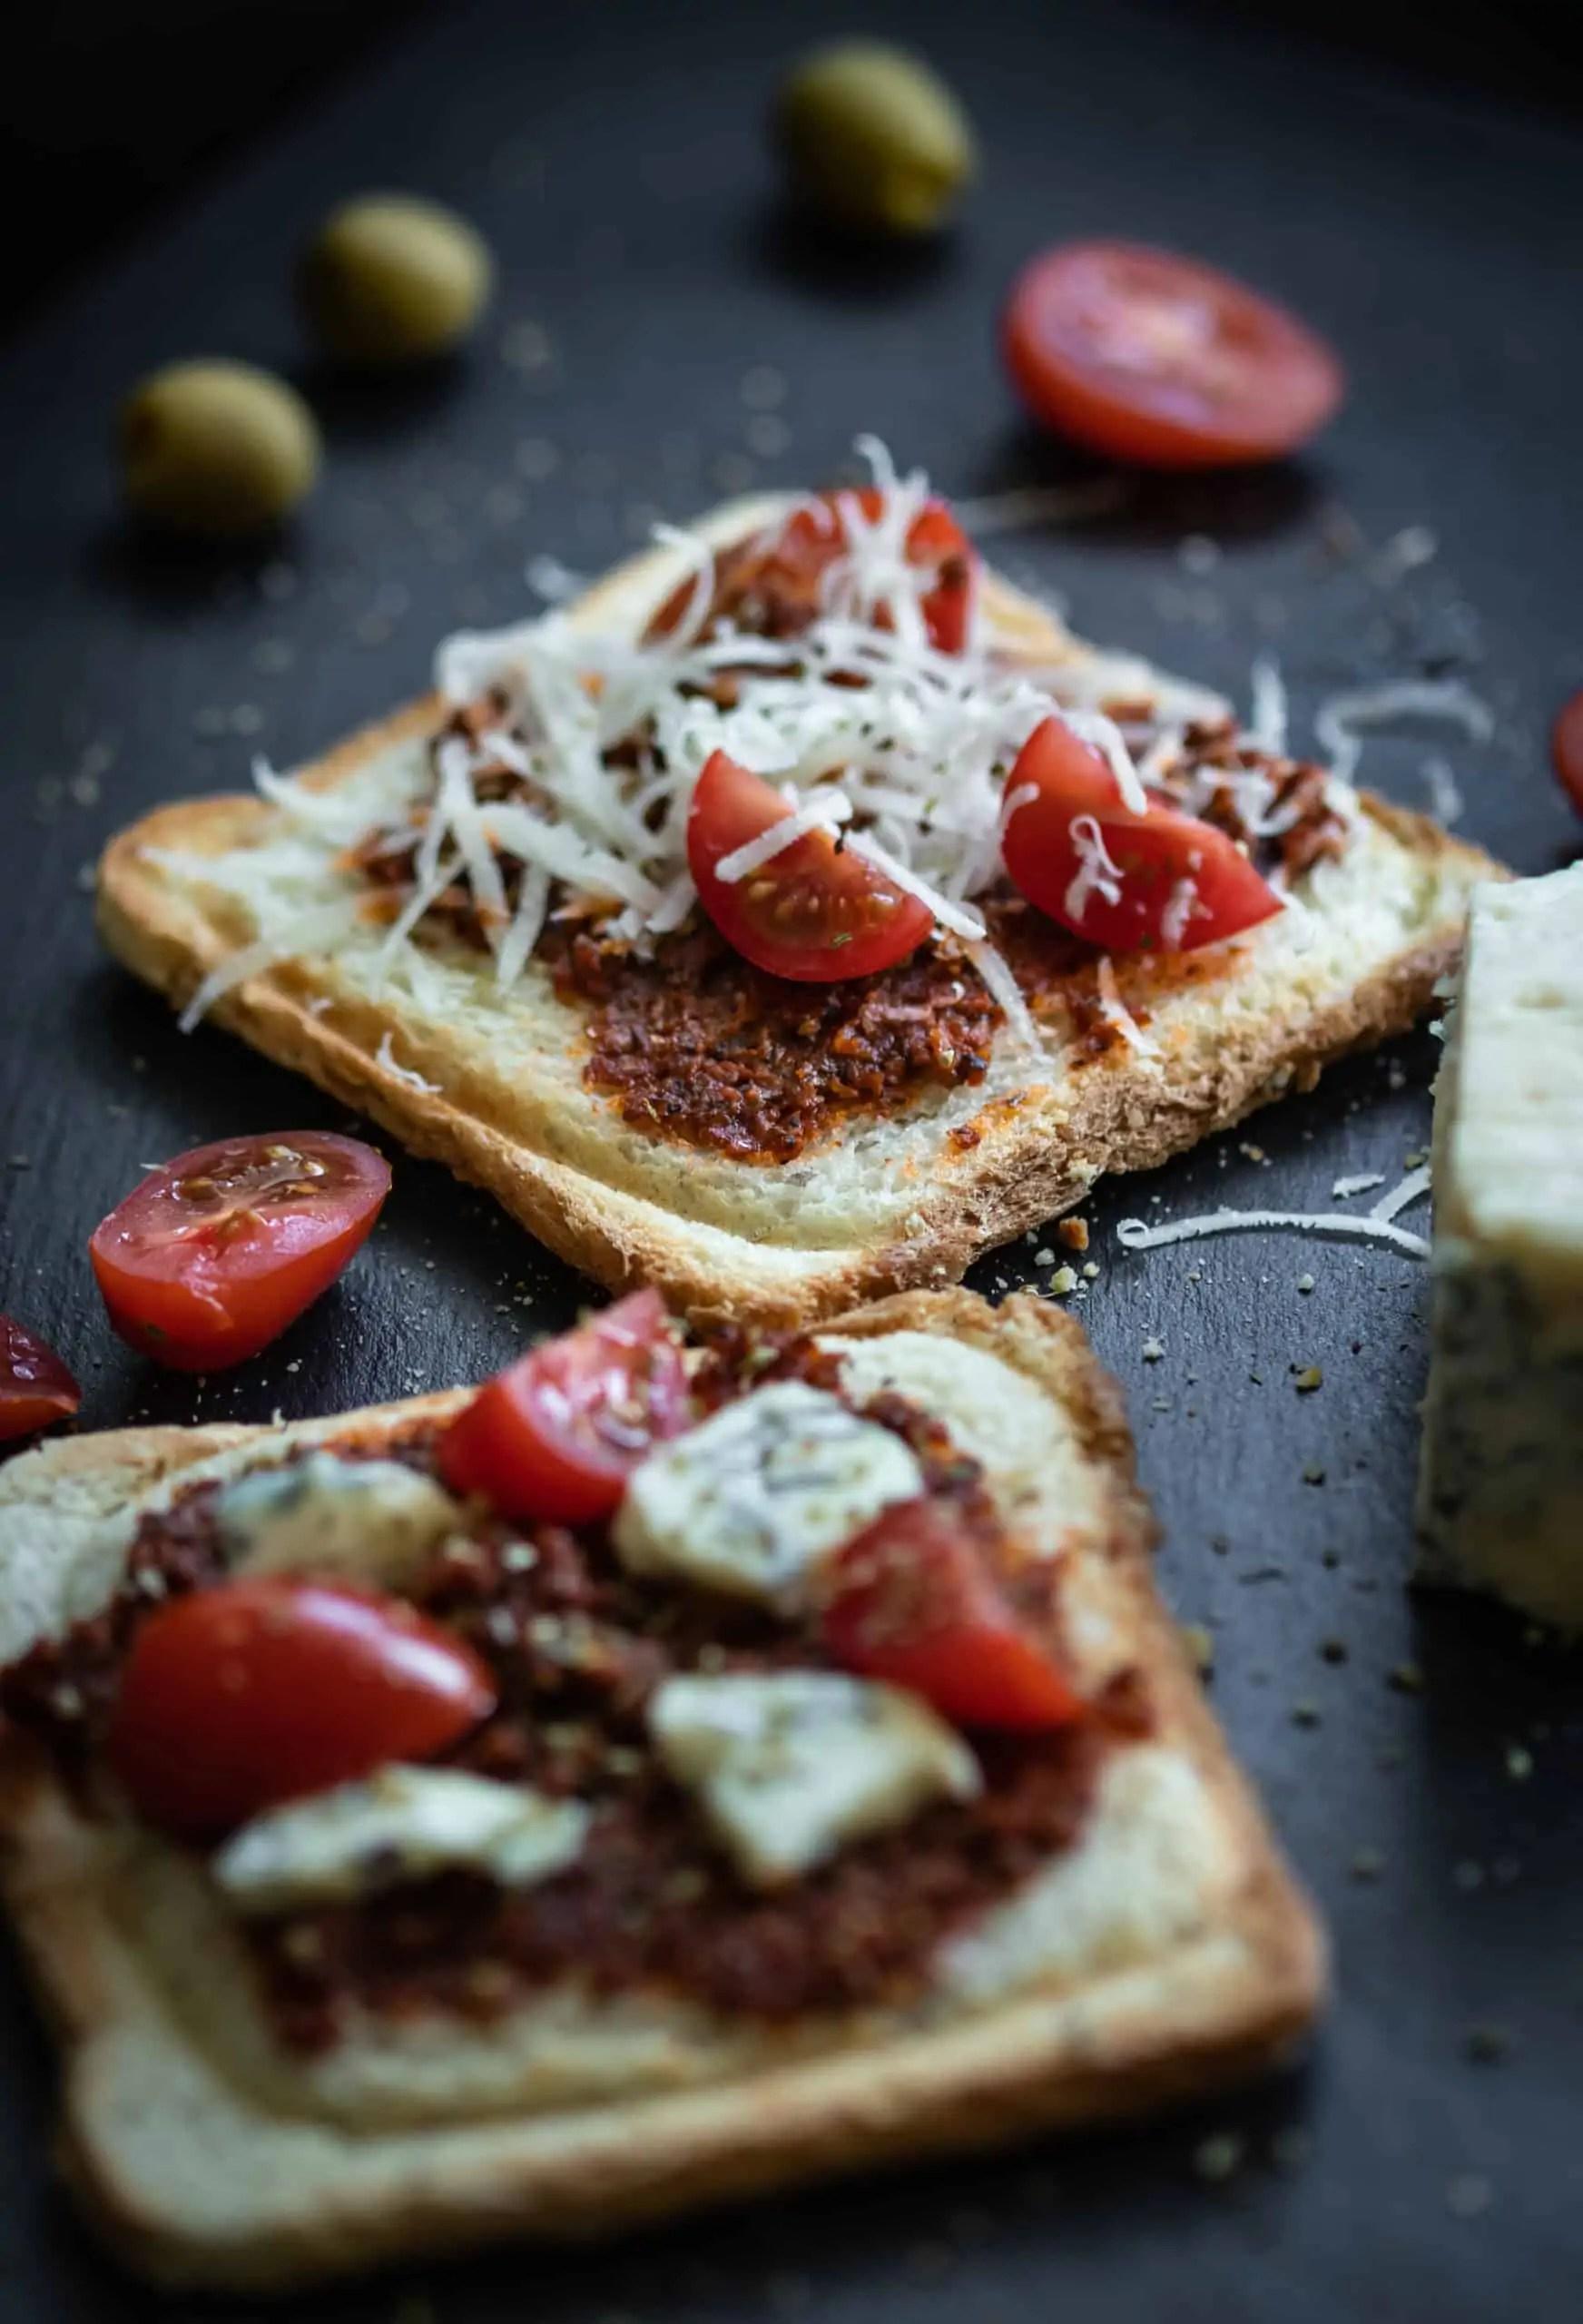 czarna fotografia produktowa w domowych warunkach zdjęcia tostów z czerwonym pesto 8 scaled - Najlepszy prezent dla fotografa jest darmowy. Resztę kupisz do 100 pln